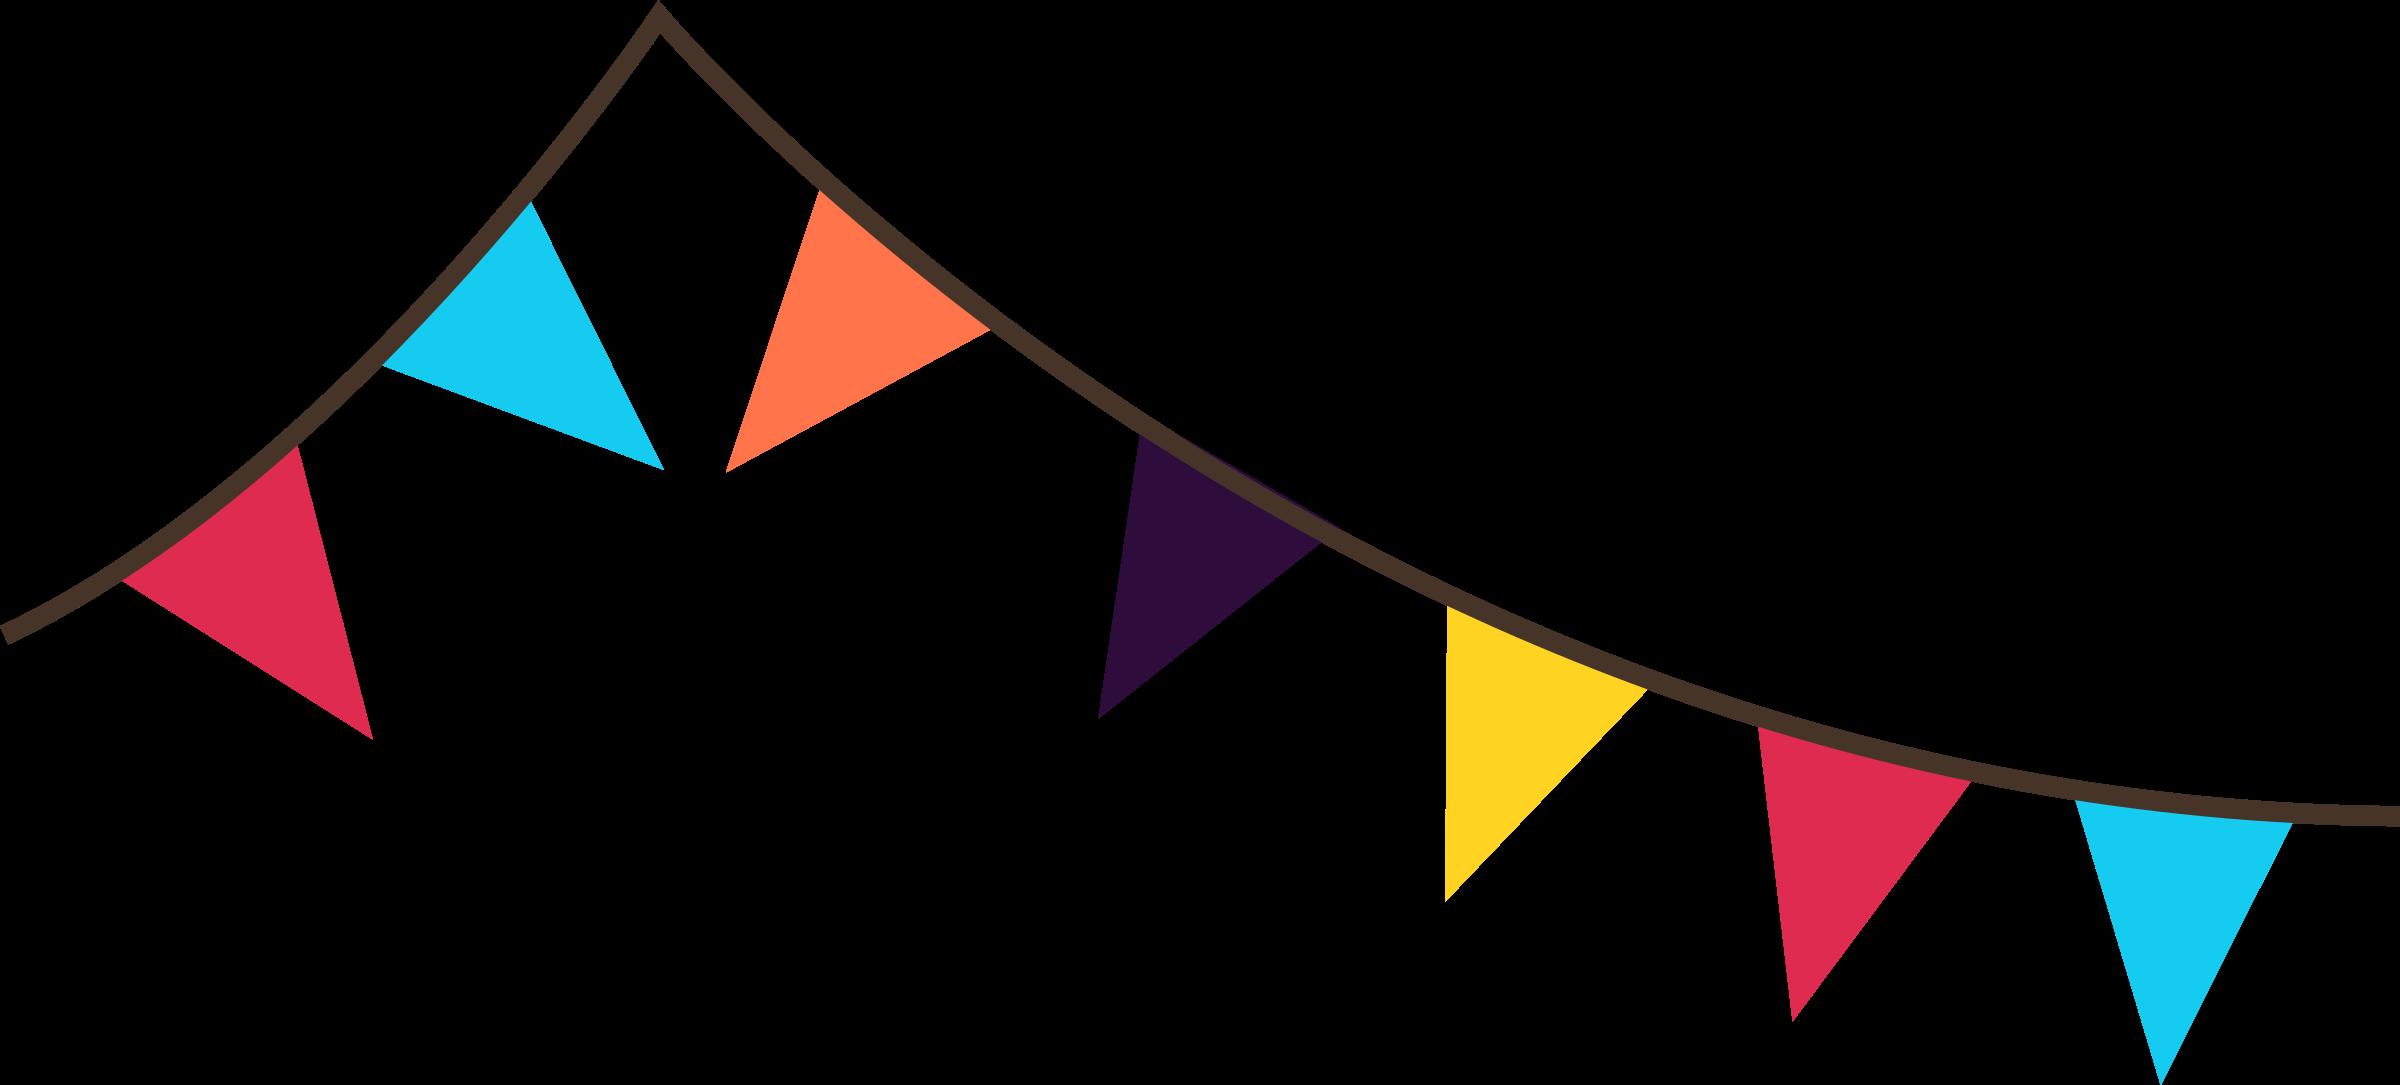 Cartoon Flags Clipart - Clipart Kid